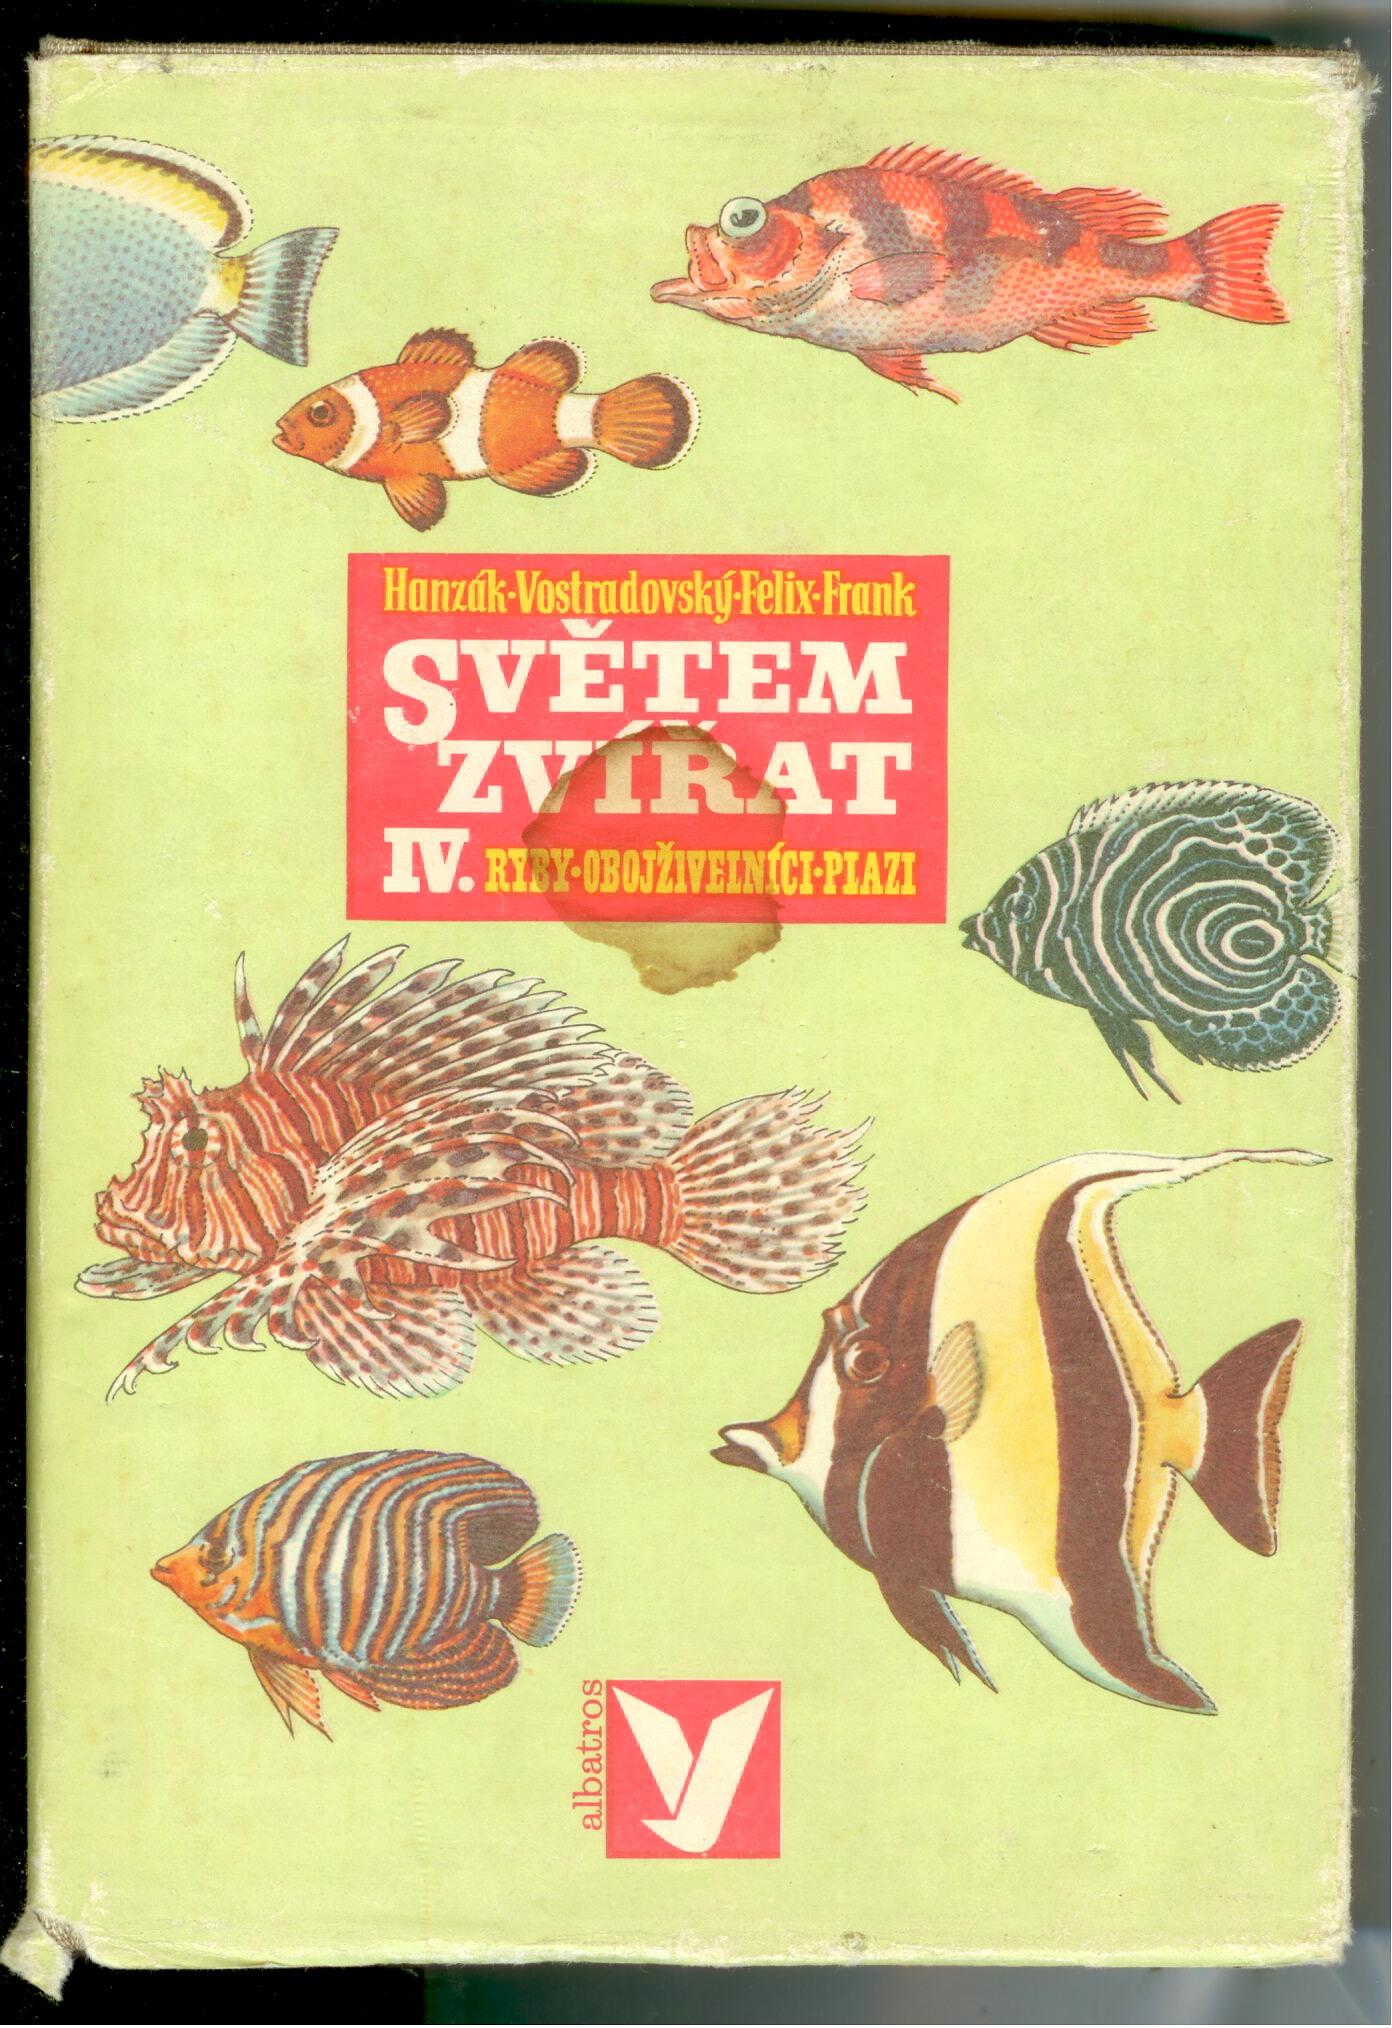 Světem zvířat IV. - Ryby - Obojživelníci - Plazi - Hanzák, Votradovský, Felix...